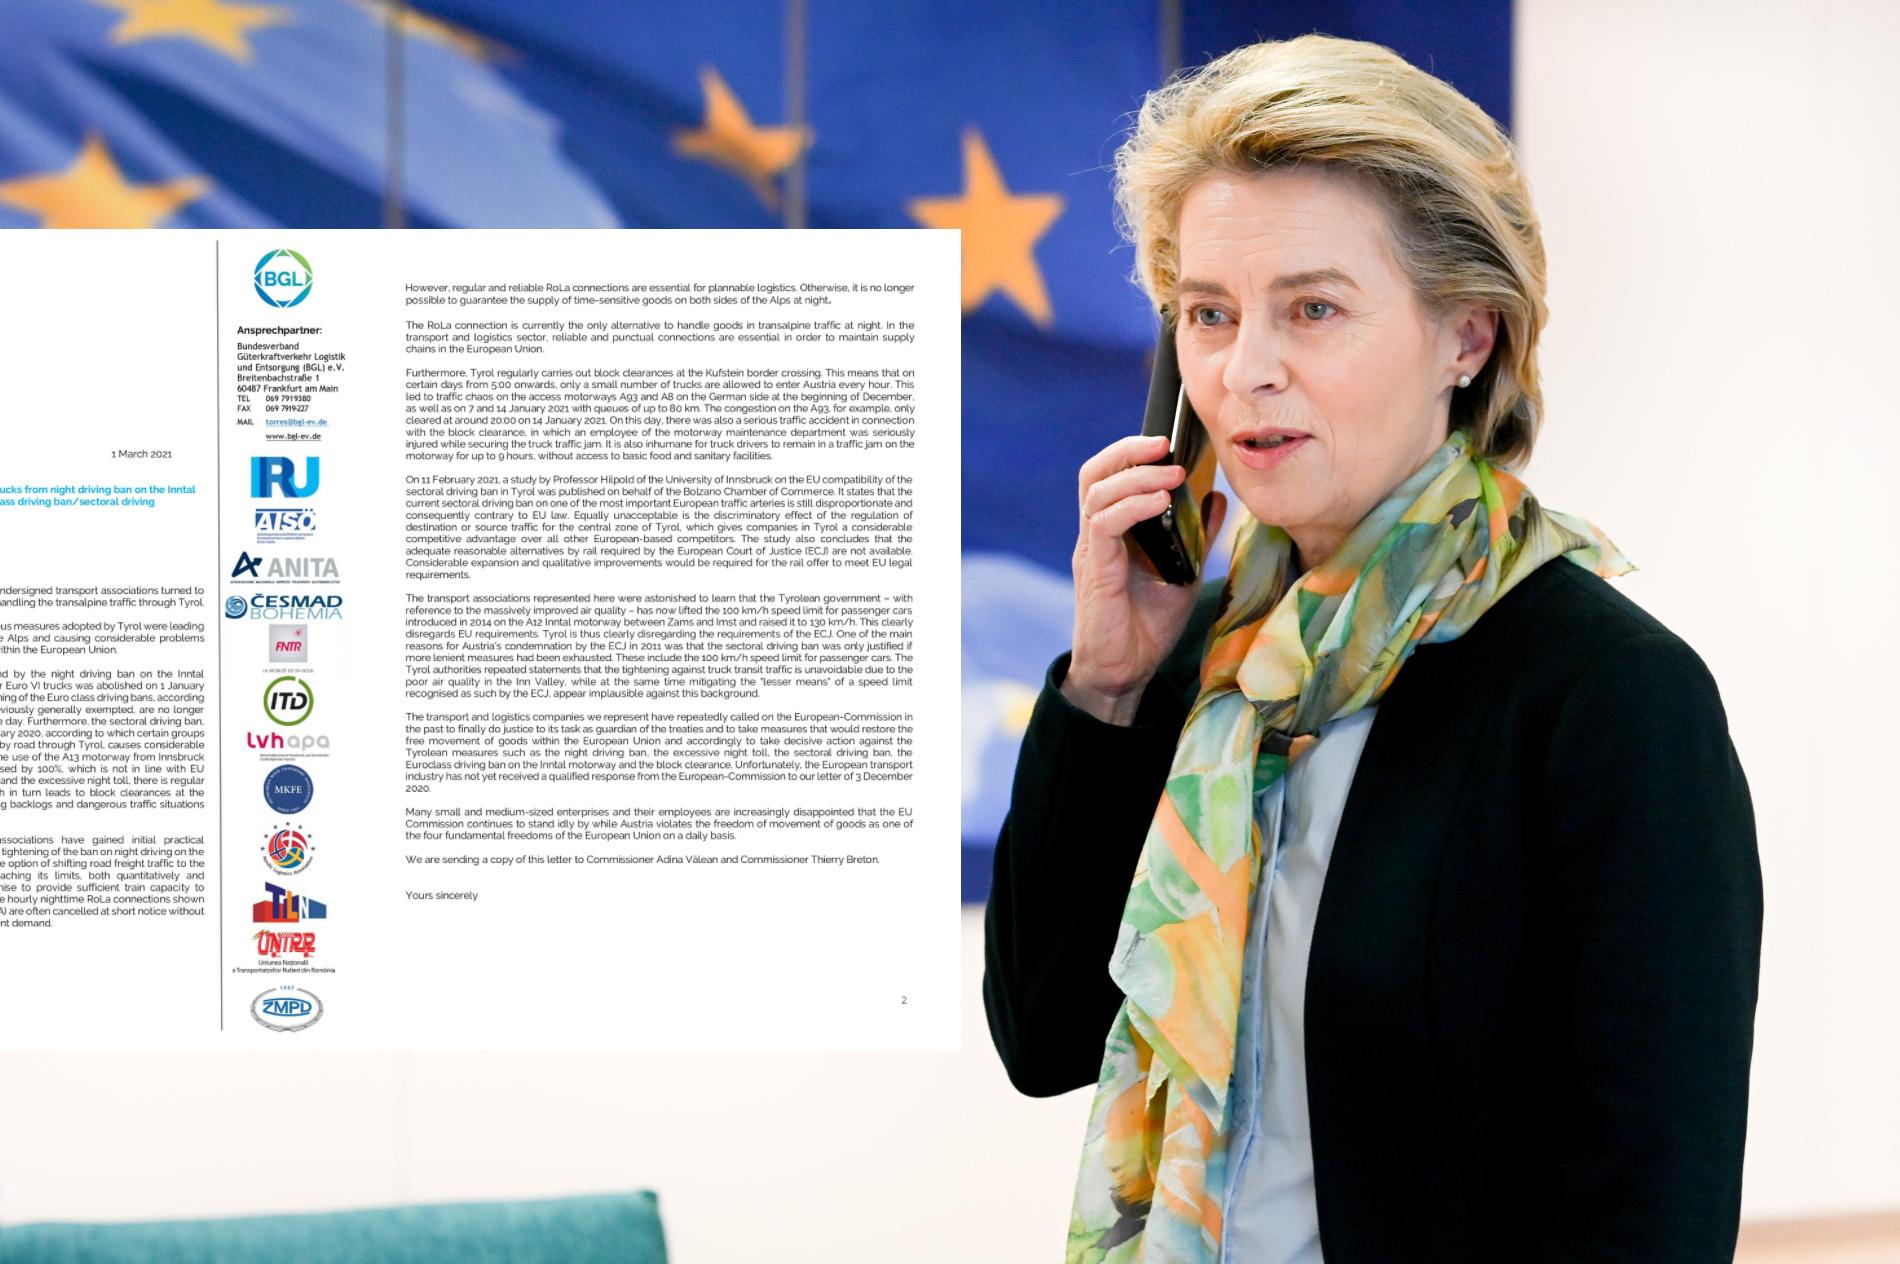 """Перевозчики бьют тревогу: """"Австрия нарушает свободное передвижение товаров"""". Что на это ответит Брюссель?"""